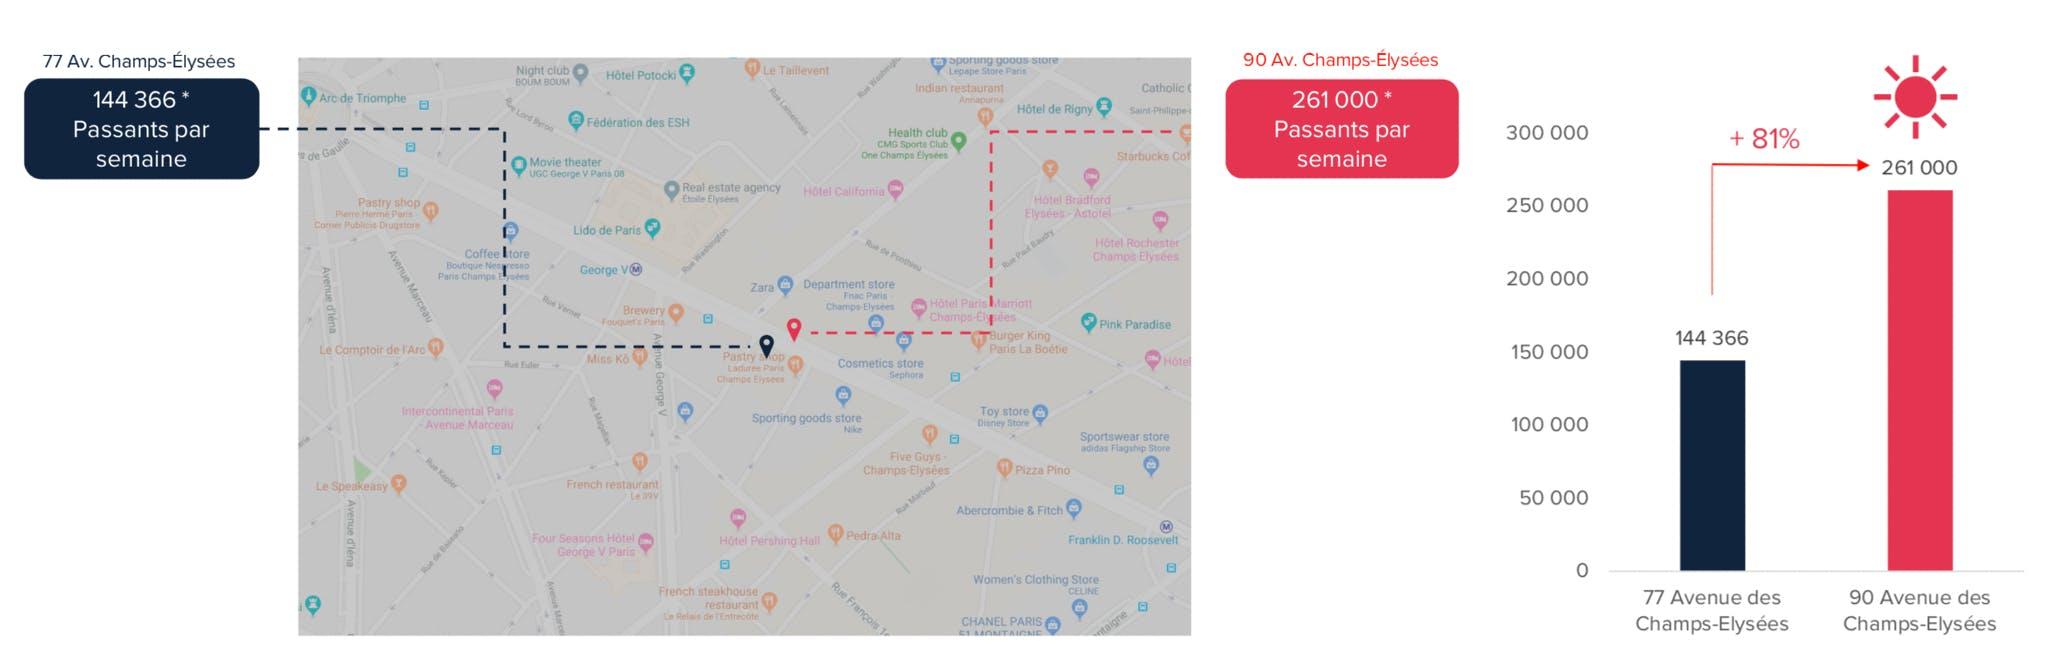 Image montrant le nombre de passants par semaine au 77 et au 90 avenue des Champs Elysées.